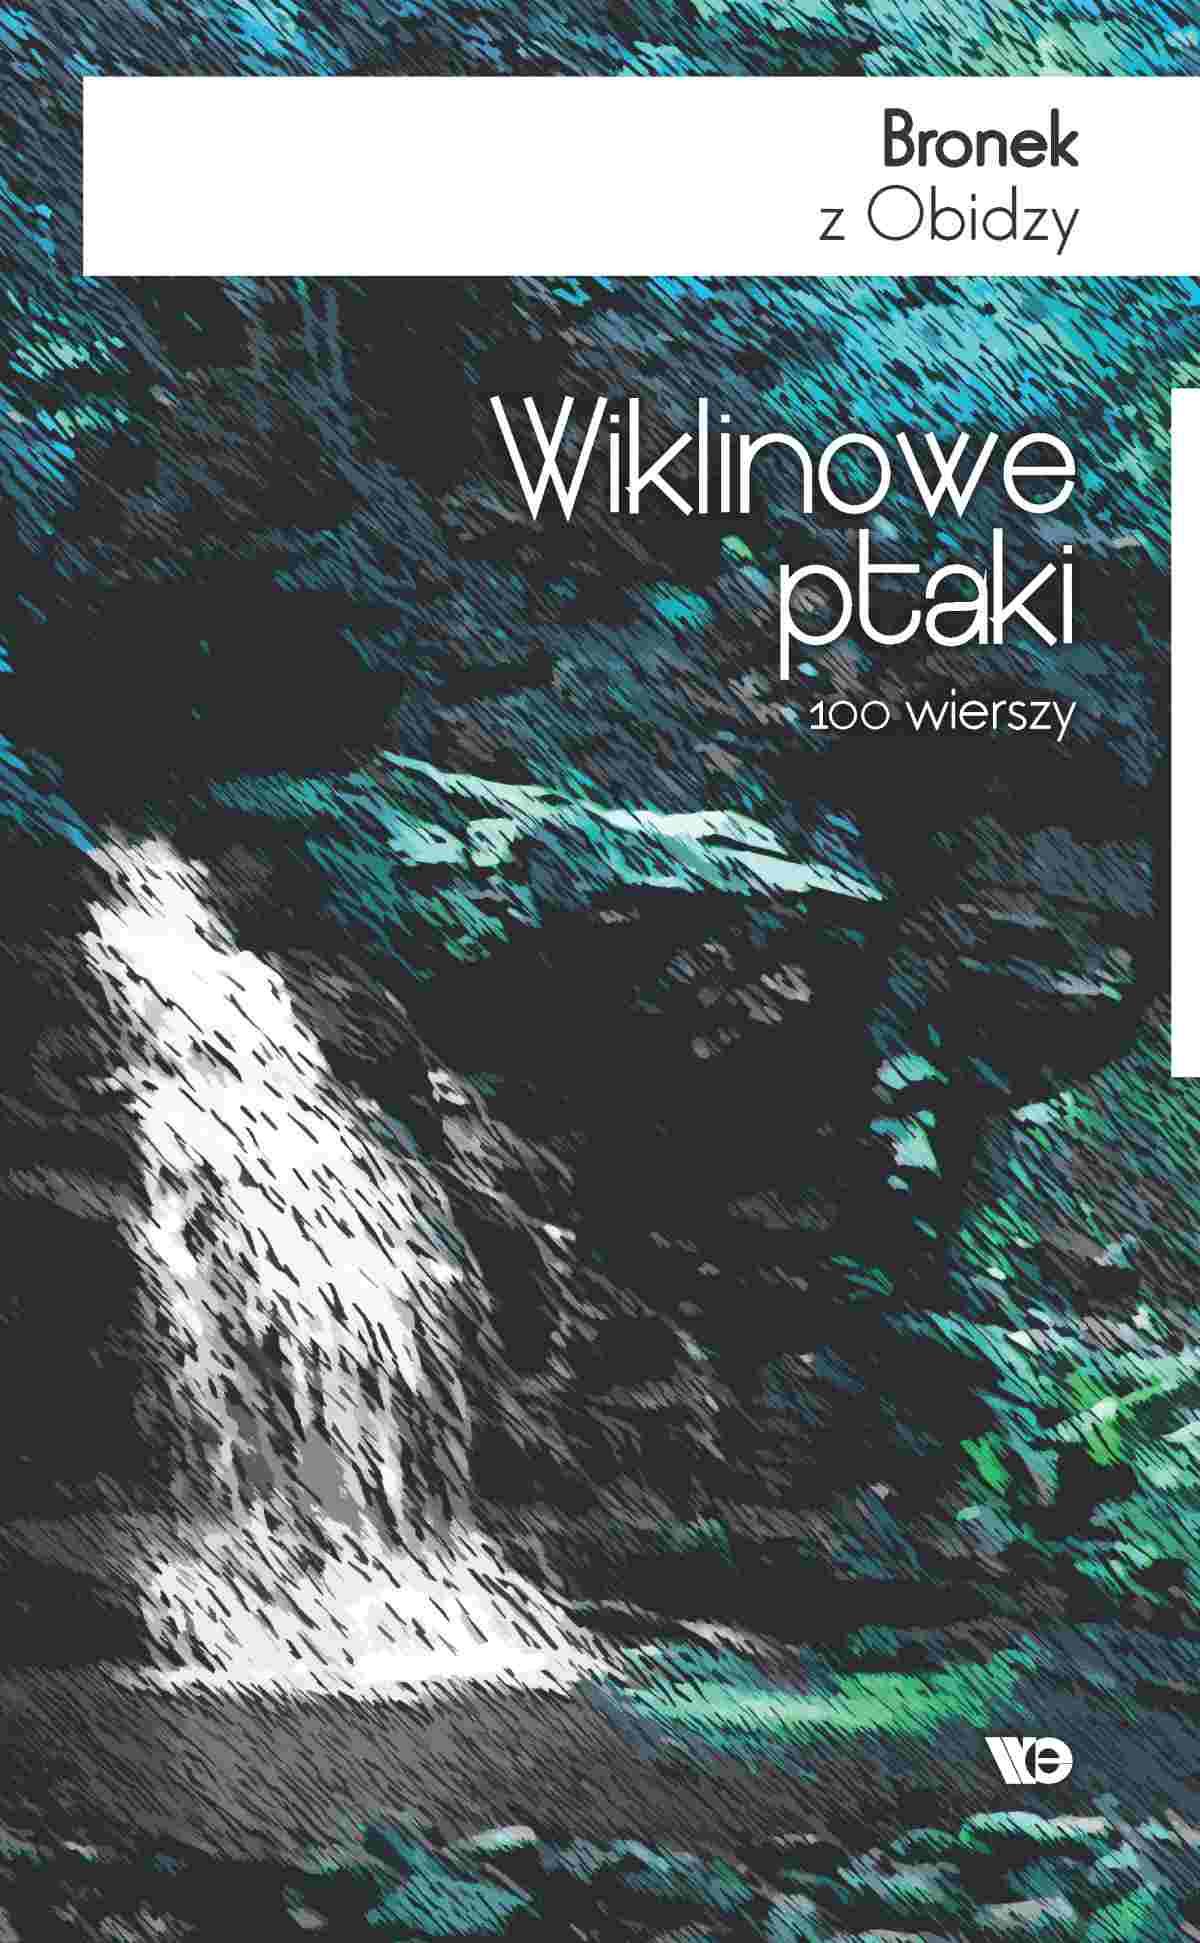 Wiklinowe ptaki - Ebook (Książka PDF) do pobrania w formacie PDF